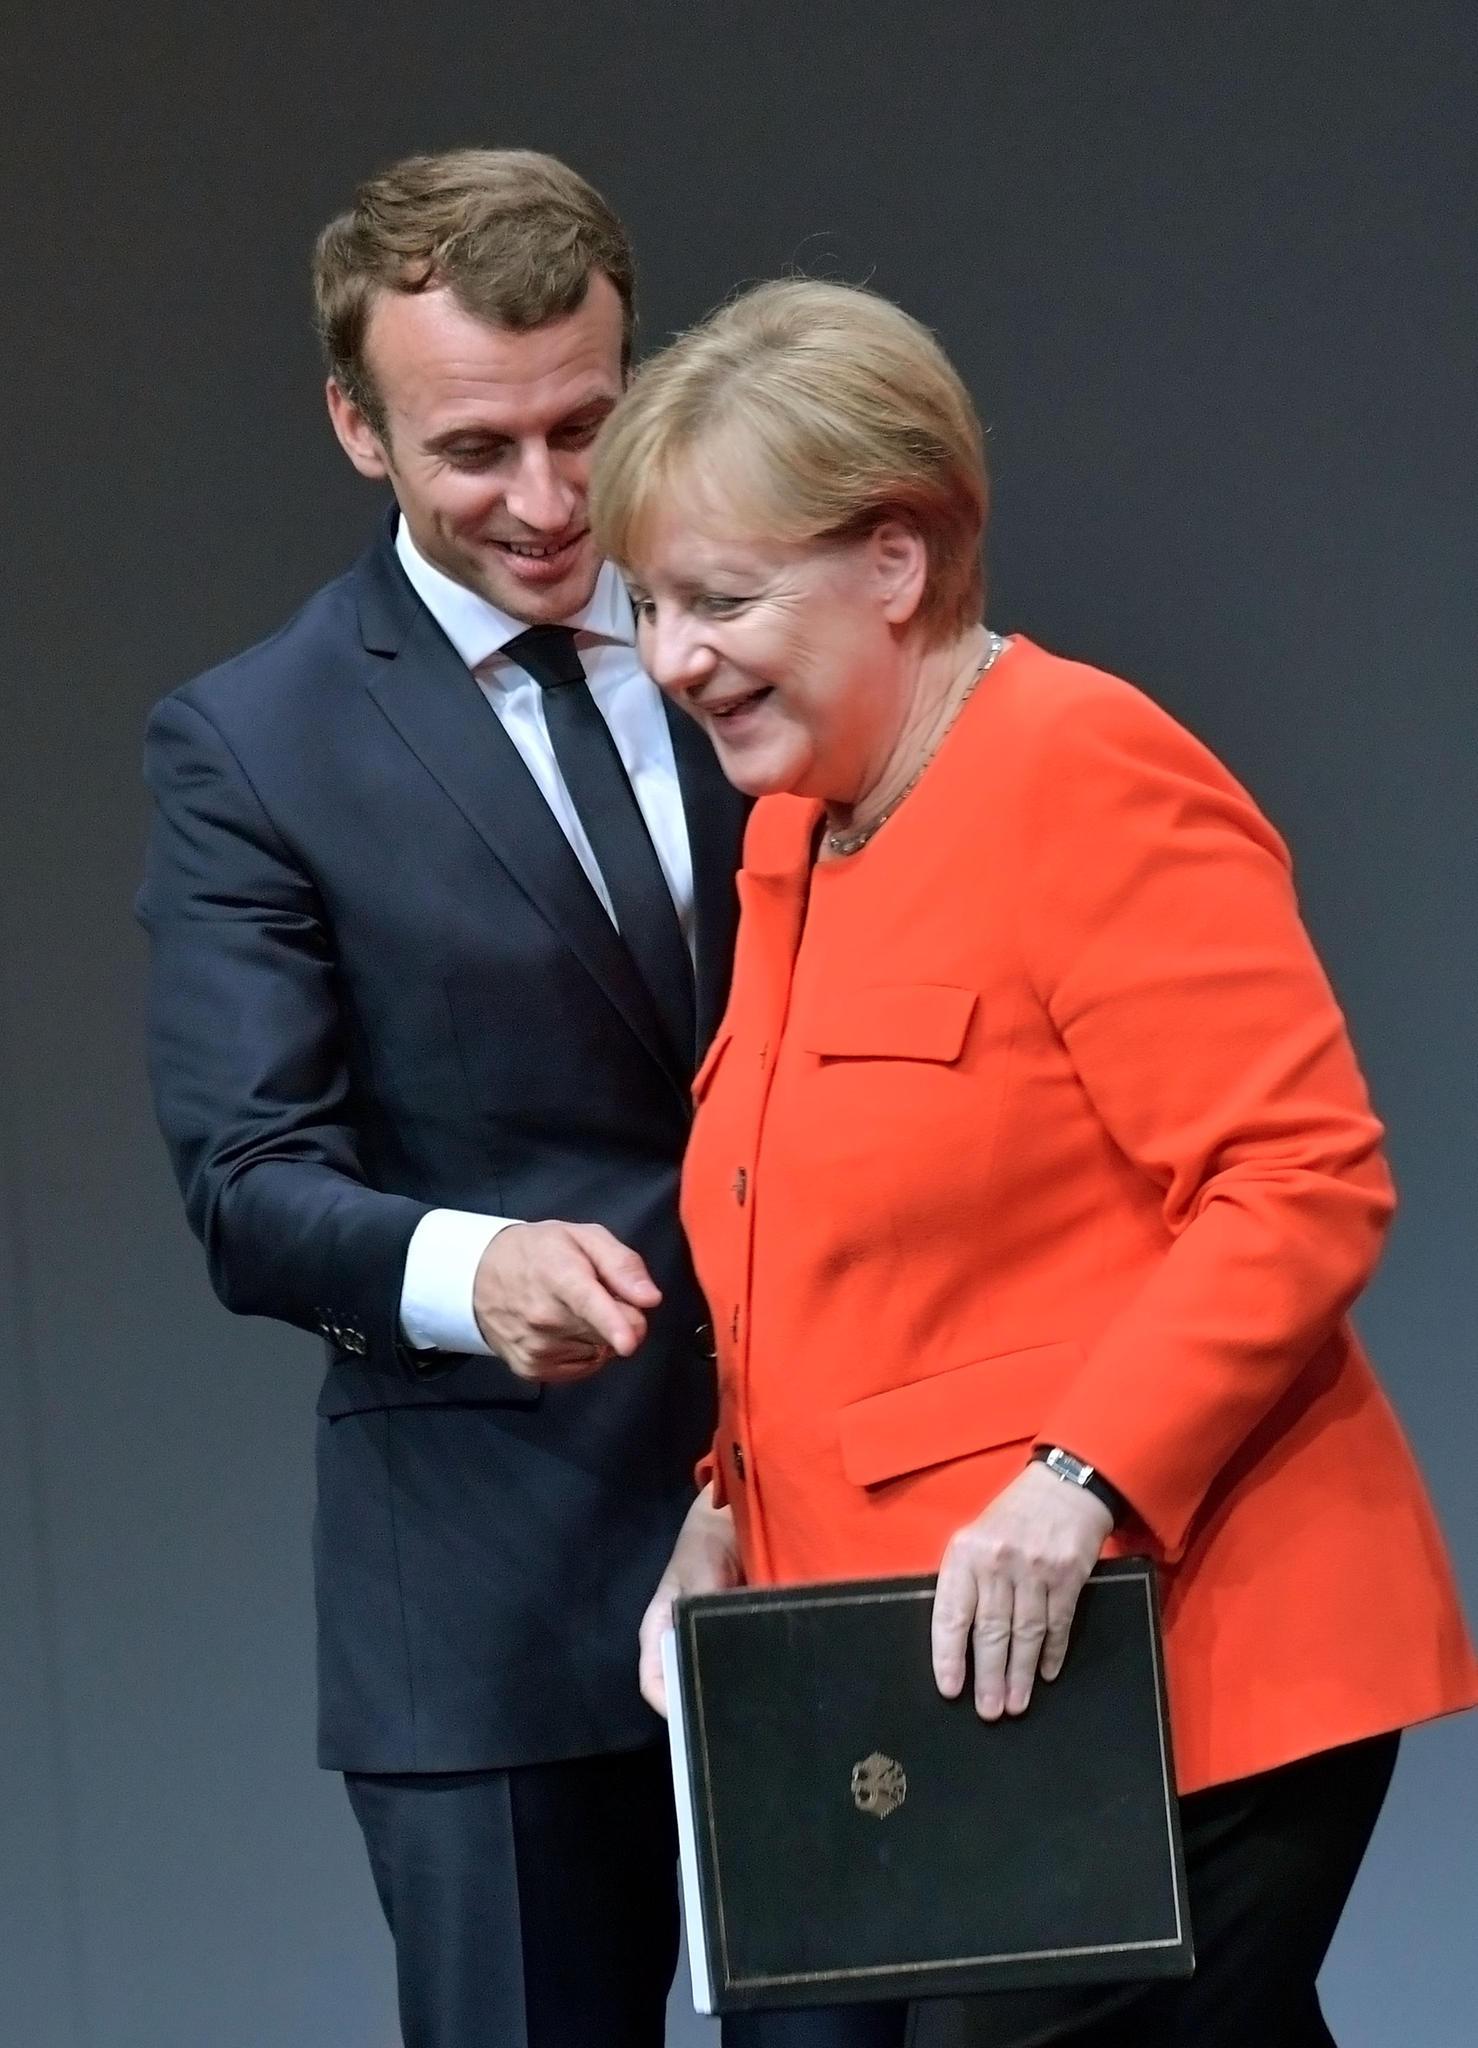 Als Angela Merkel gemeinsam mitEmmanuel Macron auf der Frankfurter Buchmesse erschien, wählte sie einen orangeroten Blazer.